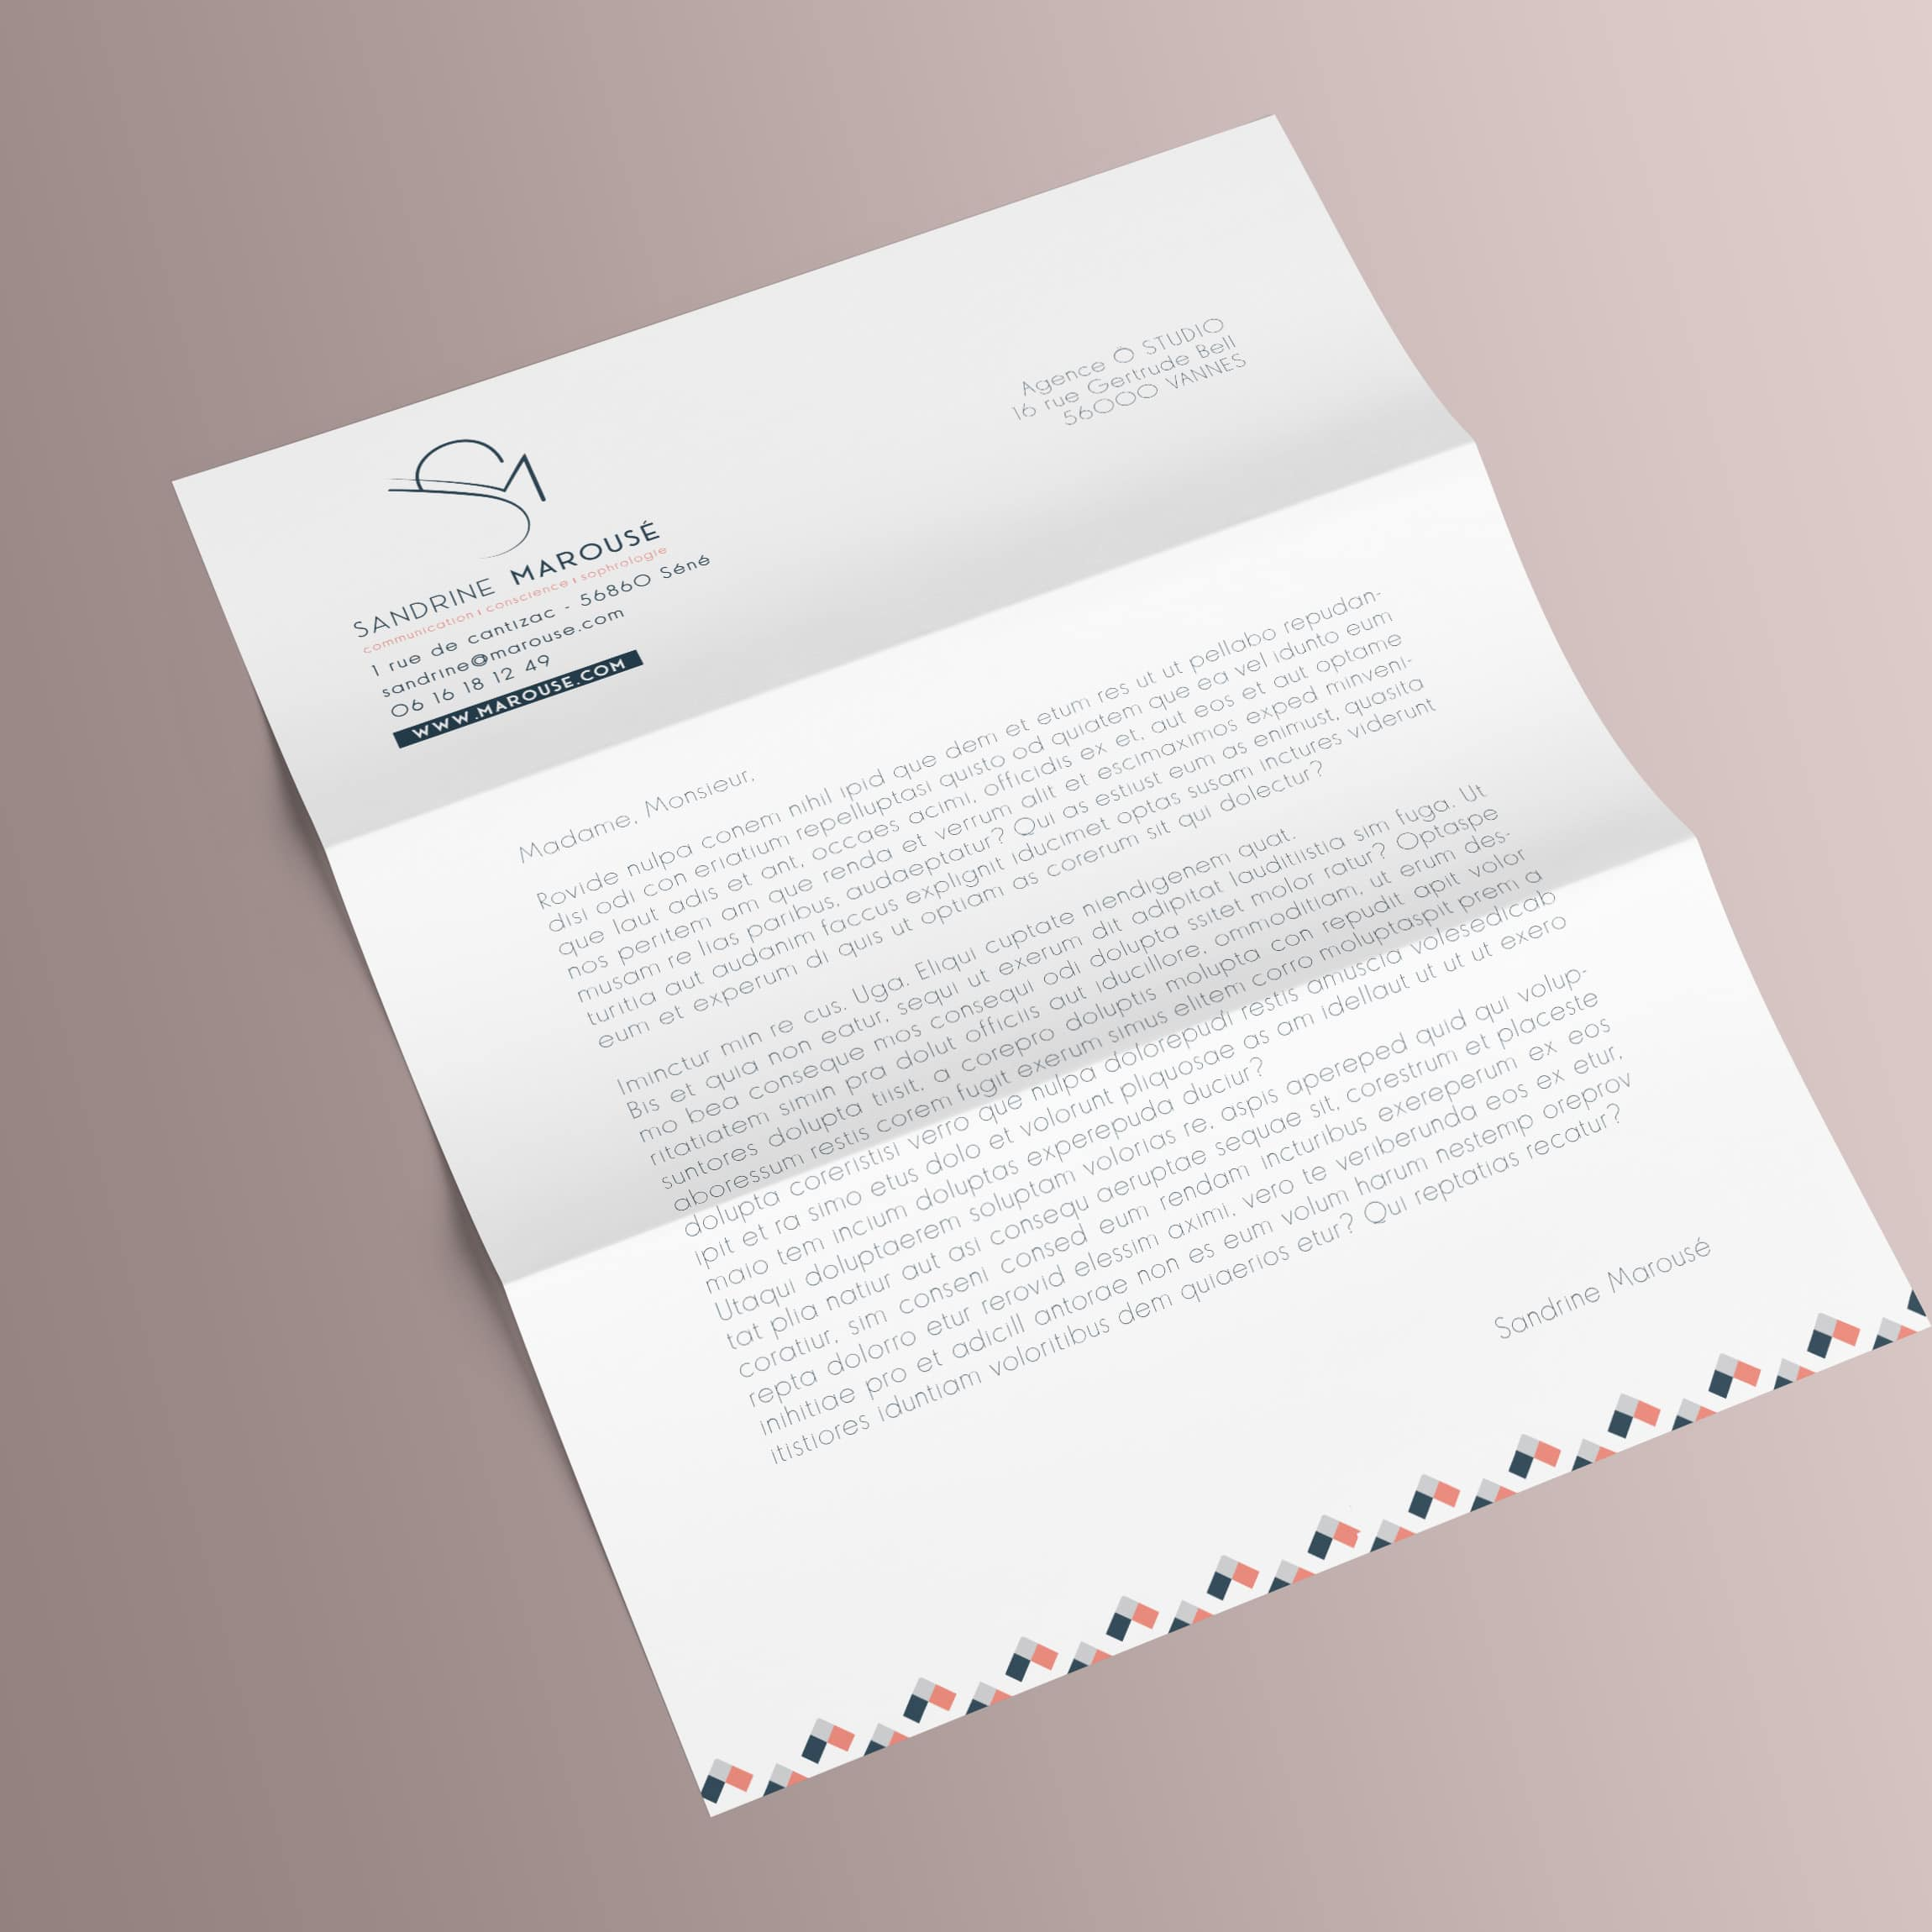 Tête de lettre Sandrine Marousé